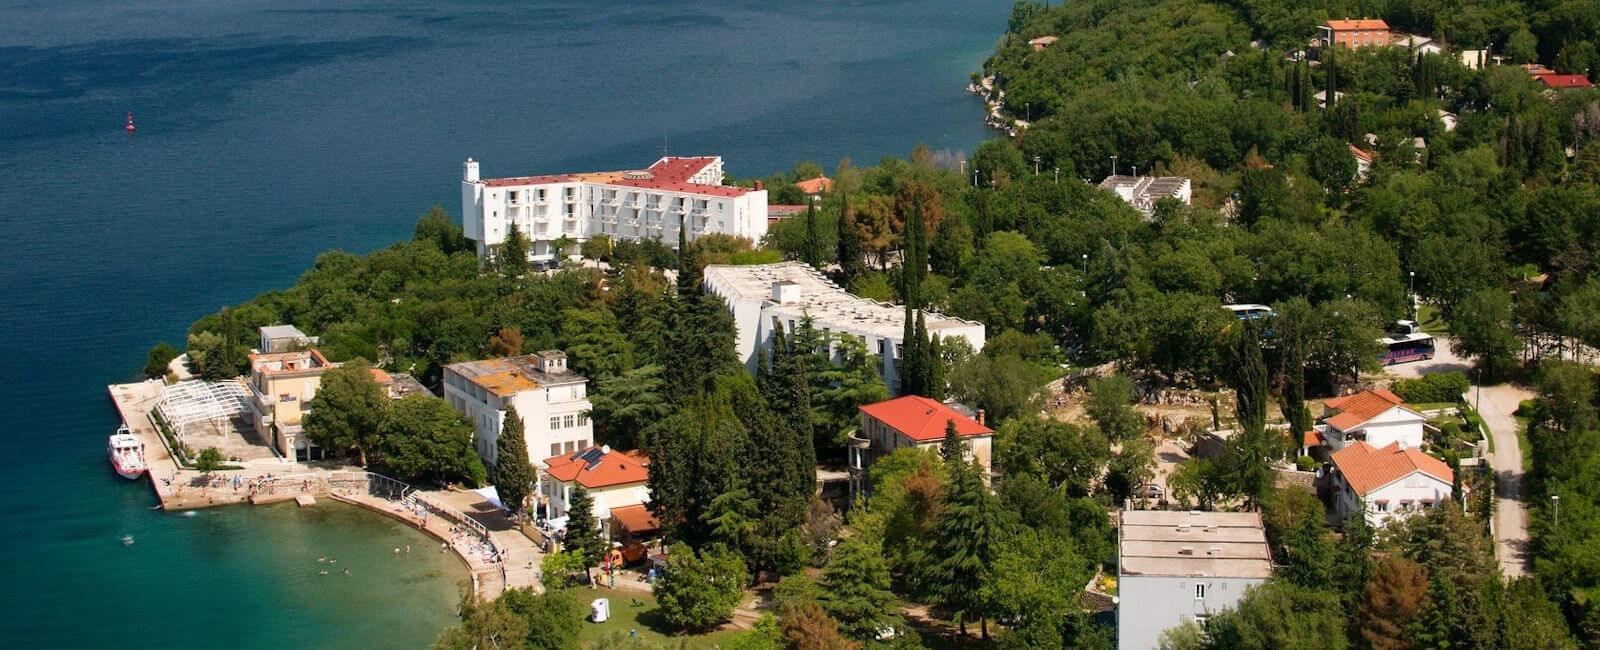 kvarner riviera, croatia